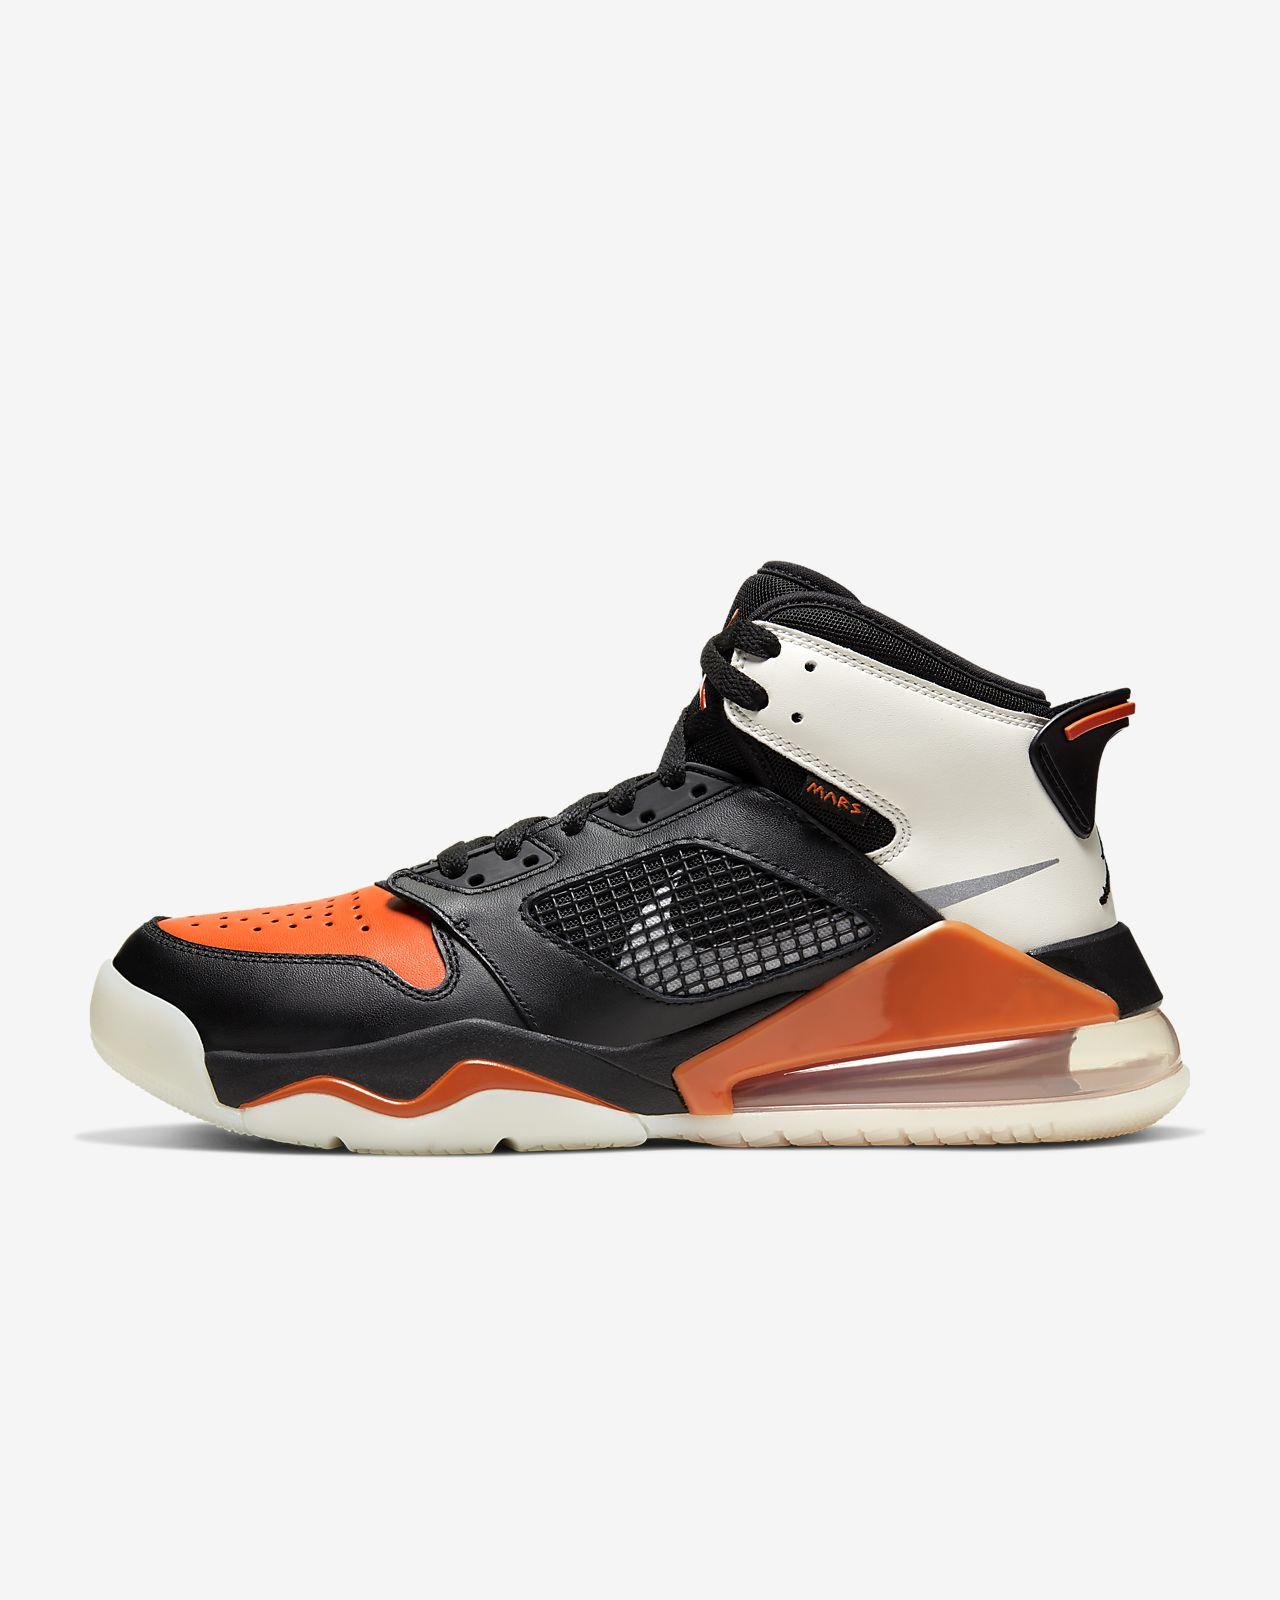 bas prix 7ee20 f45d3 Chaussure Jordan Mars 270 pour Homme